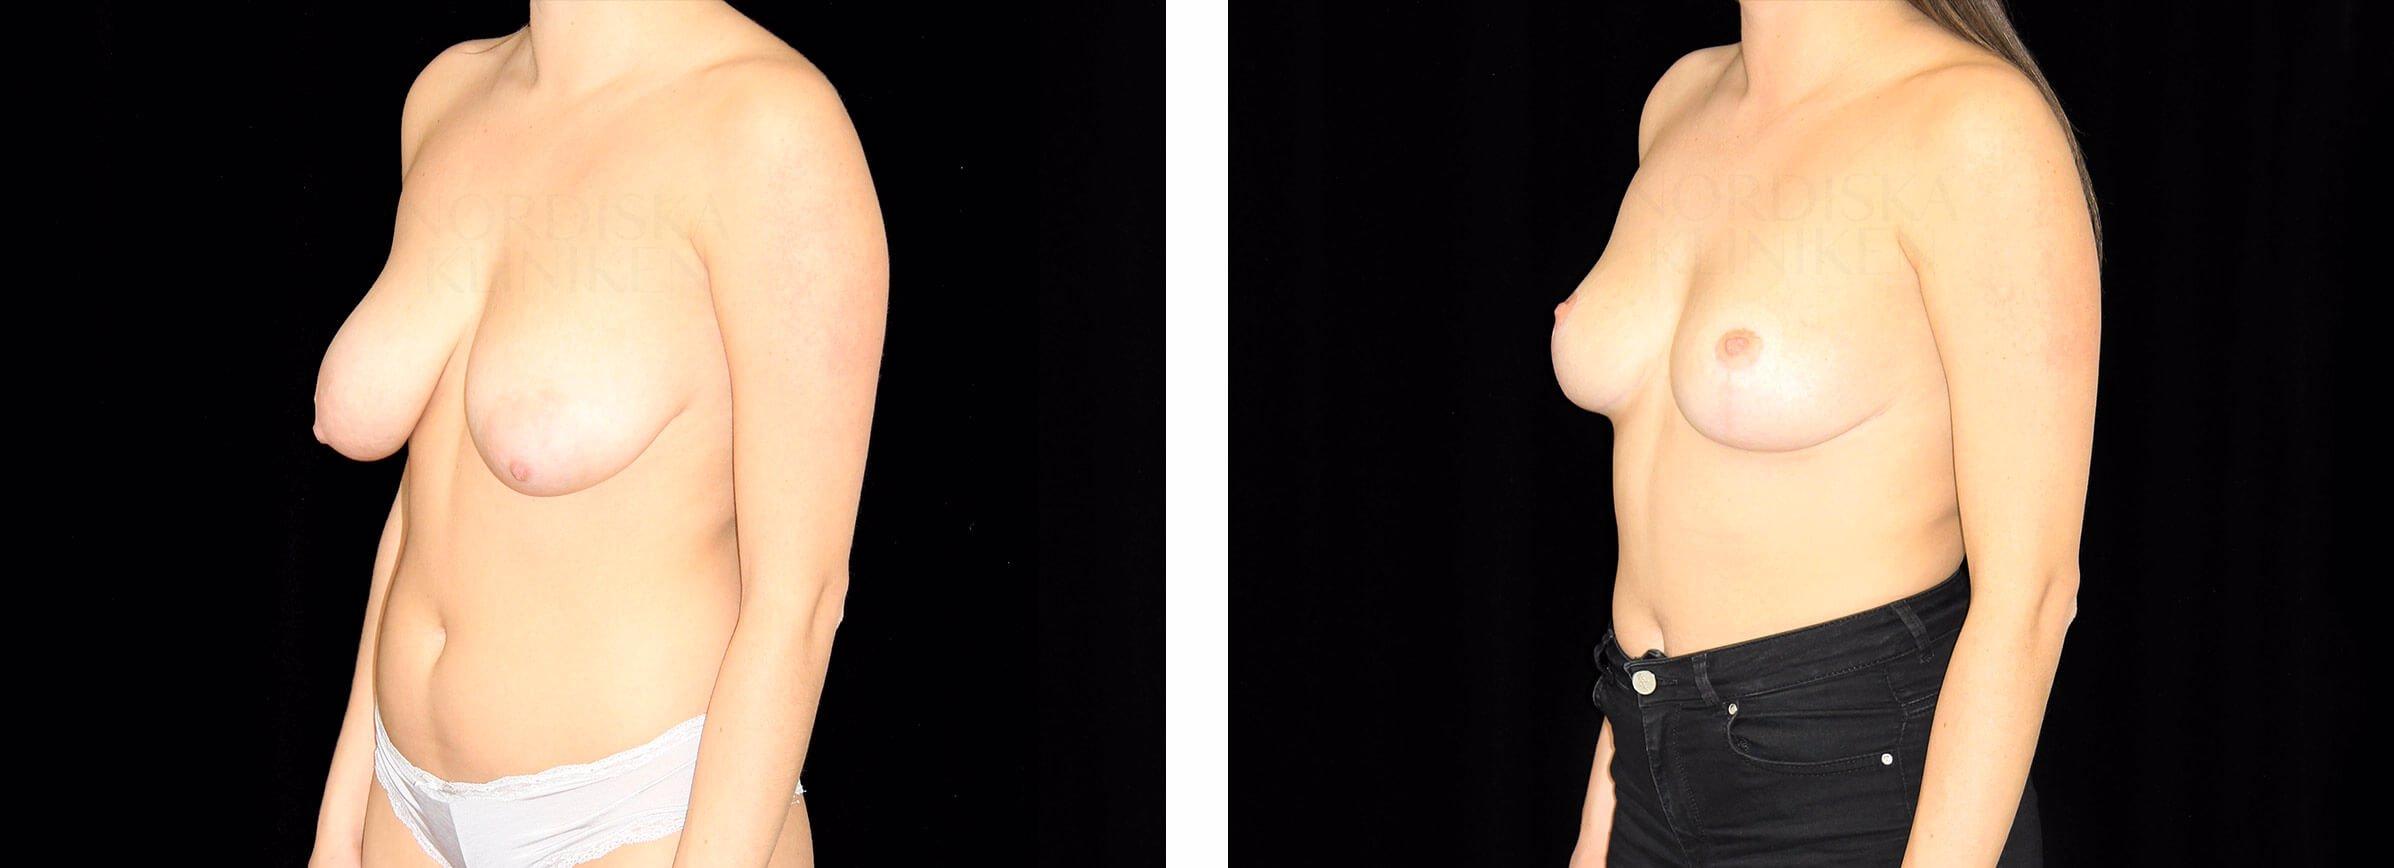 Nordiska kliniken bröstlyft bröstförminskning